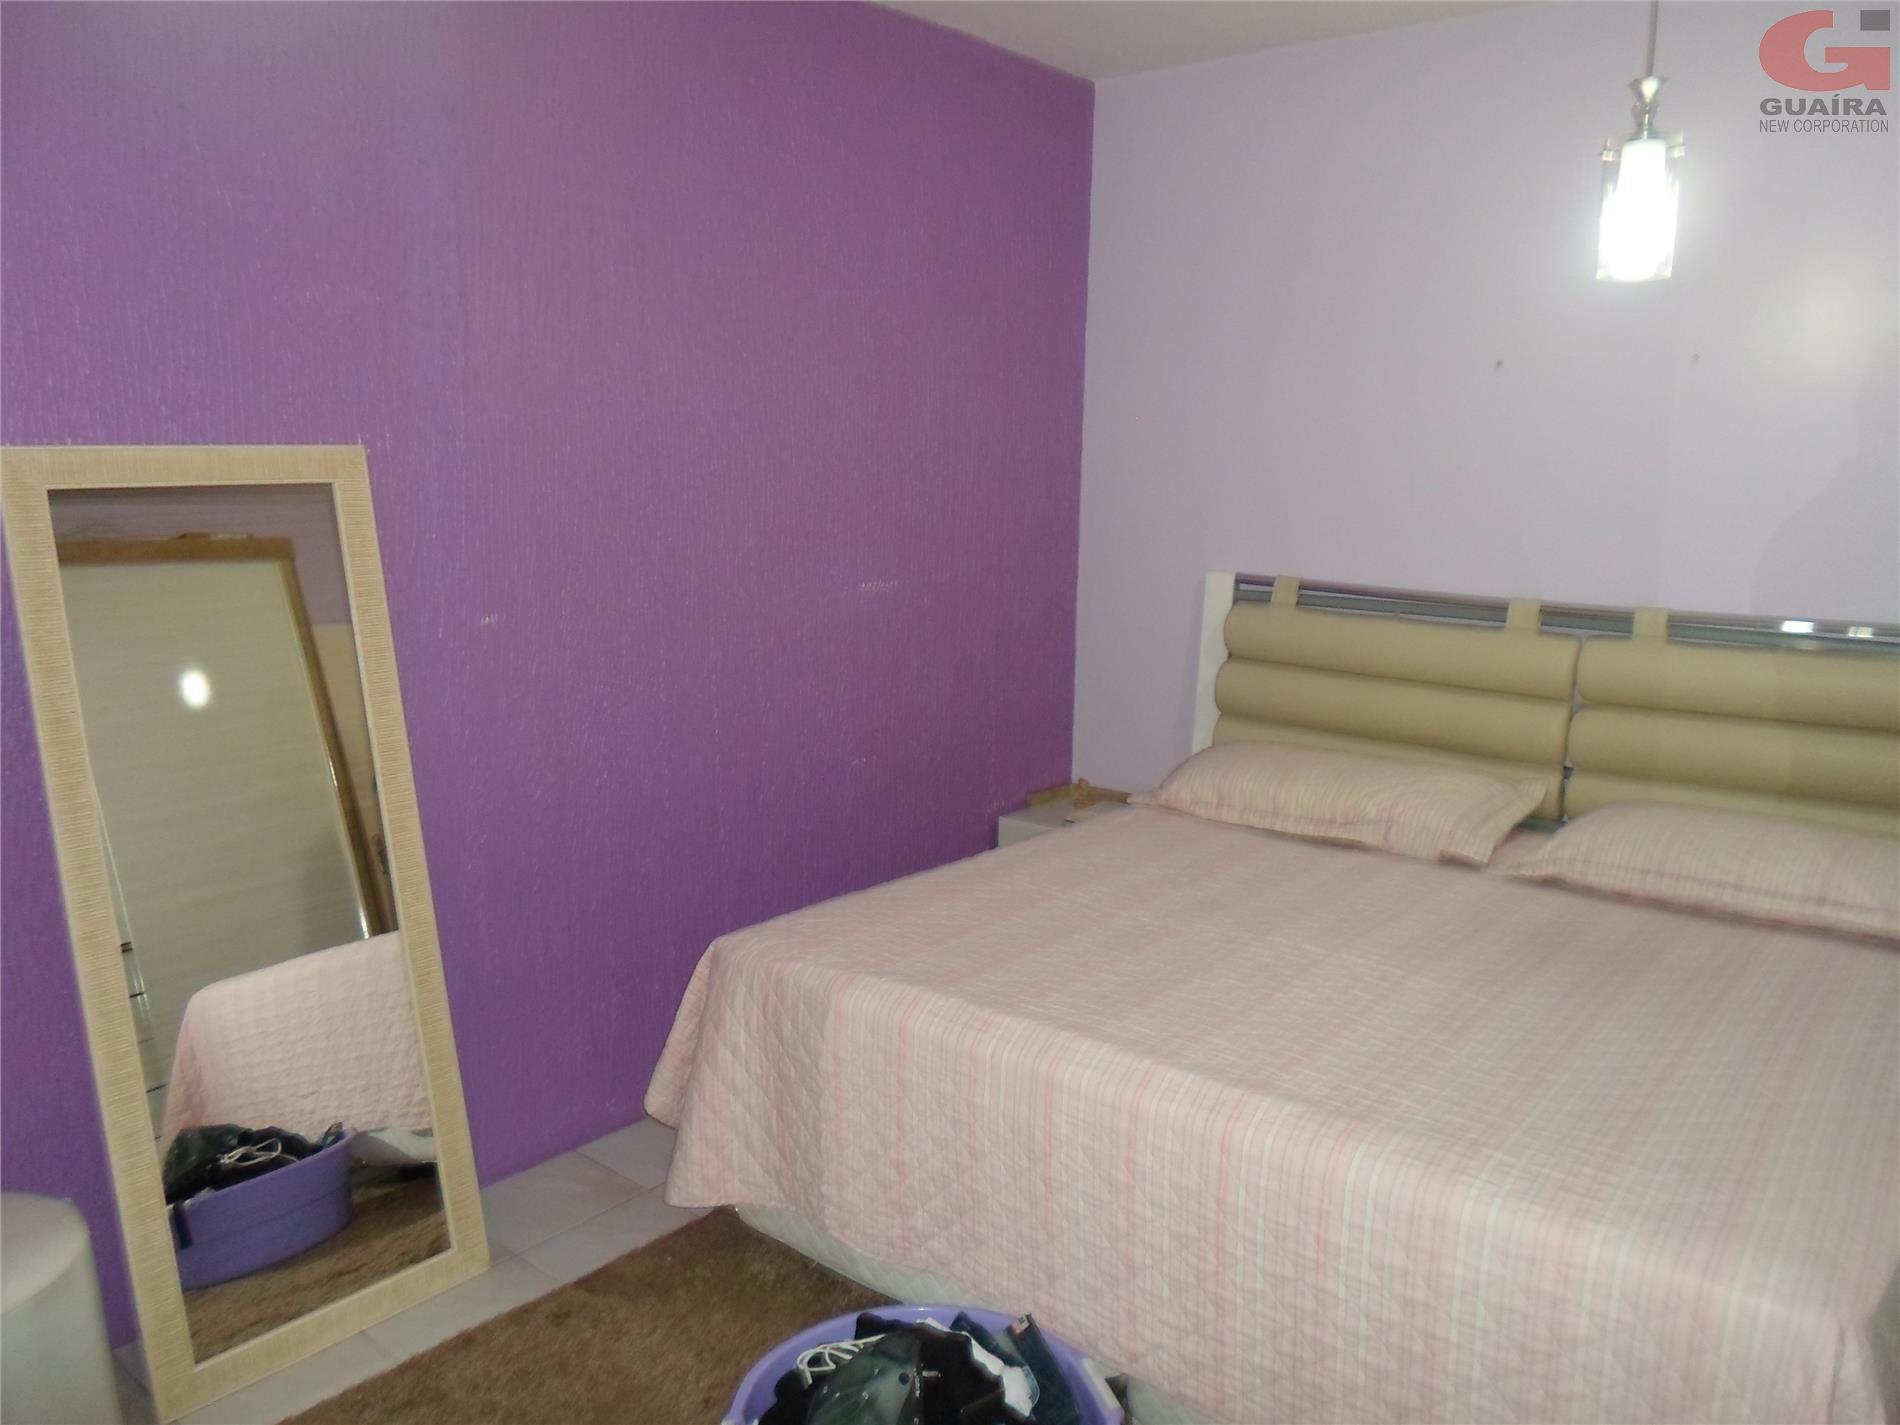 Sobrado de 2 dormitórios em Parque Terra Nova Ii, São Bernardo Do Campo - SP